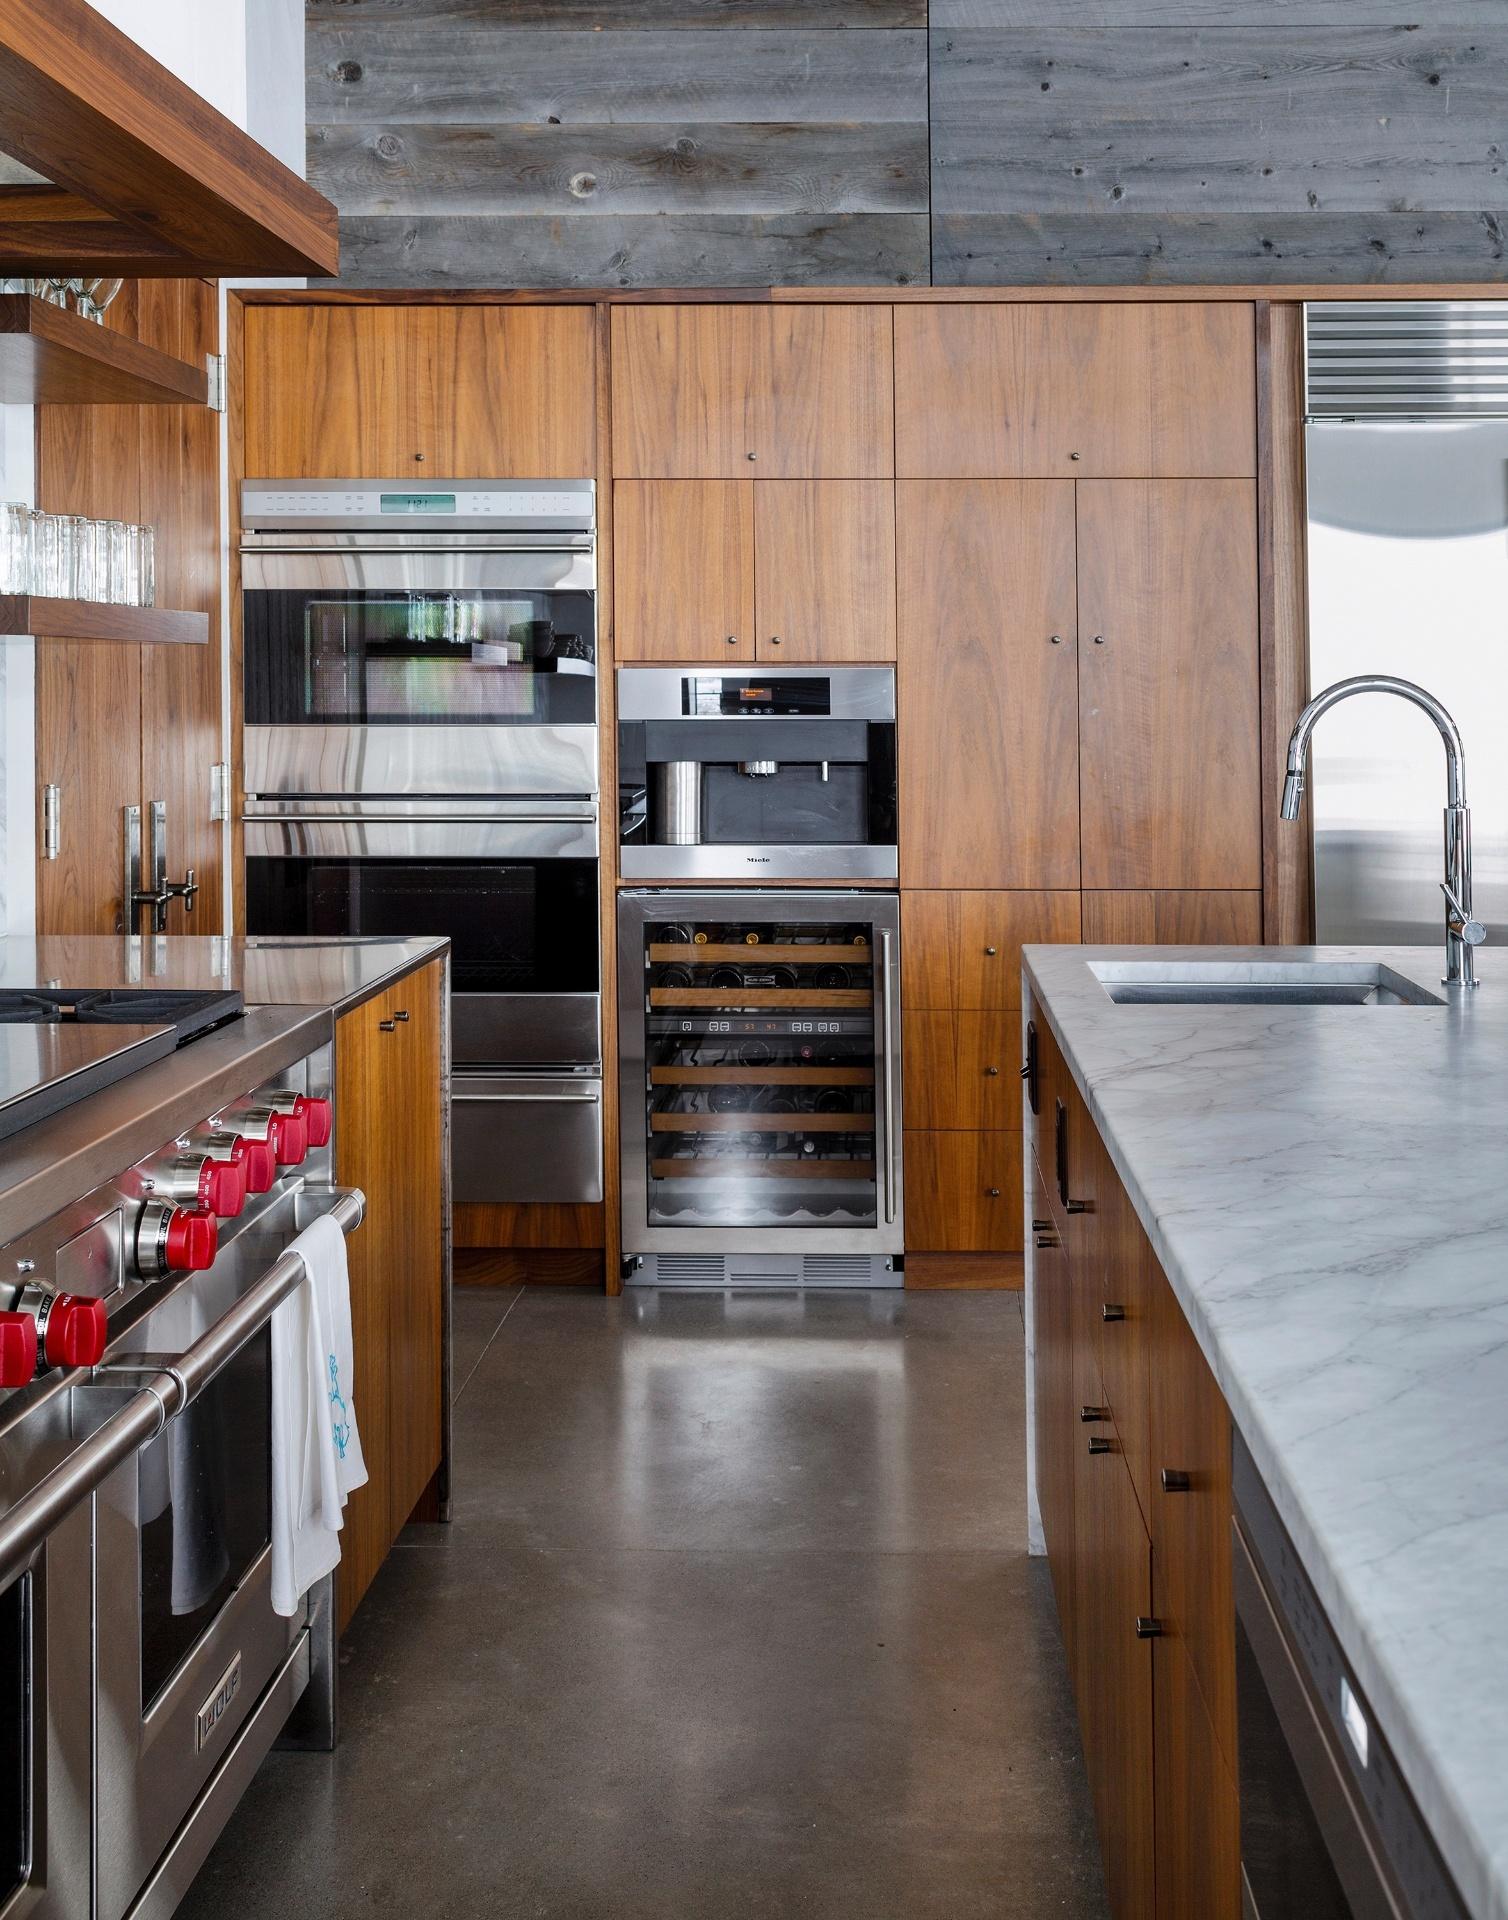 Na cozinha, o mobiliário planejado e feito sob medida é de nogueira (Imagem do NYT, usar apenas no respectivo material)